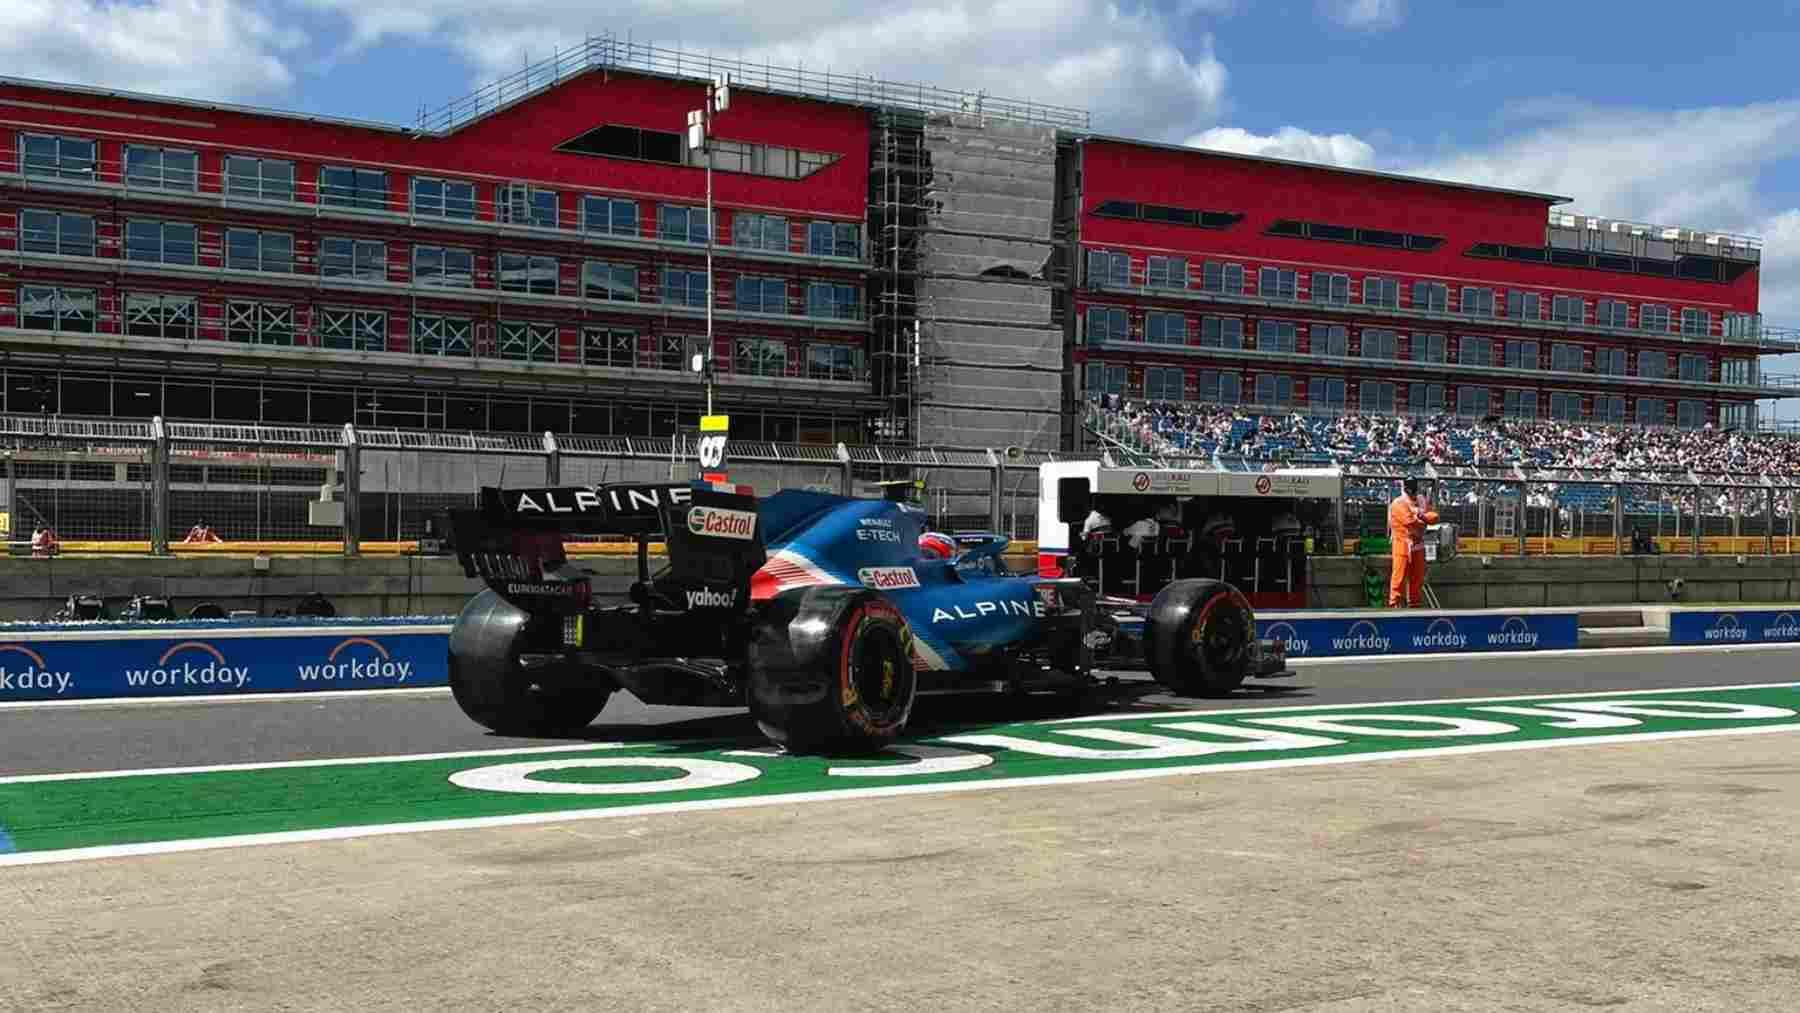 Fernando Alonso en Silverstone durante la sesión de clasificación. (@AlpineF1Team)